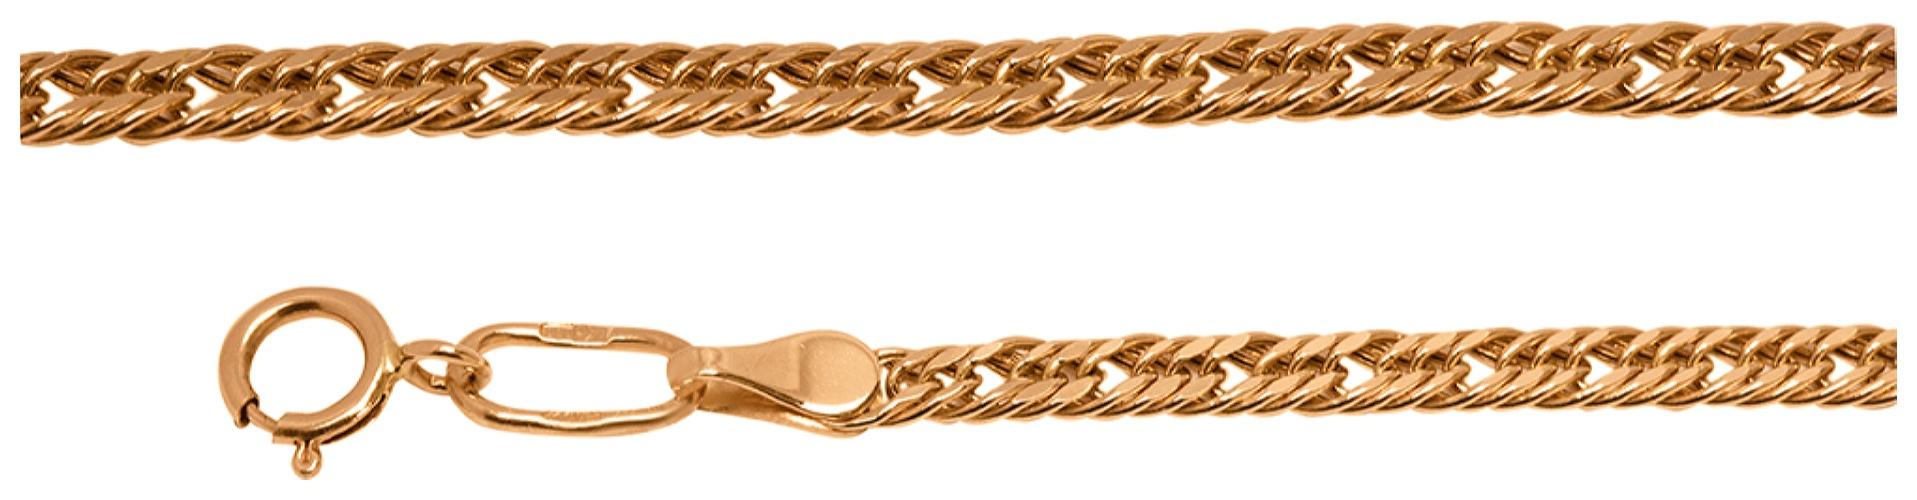 картинка цепь из золота 585° ТАБ-34-350